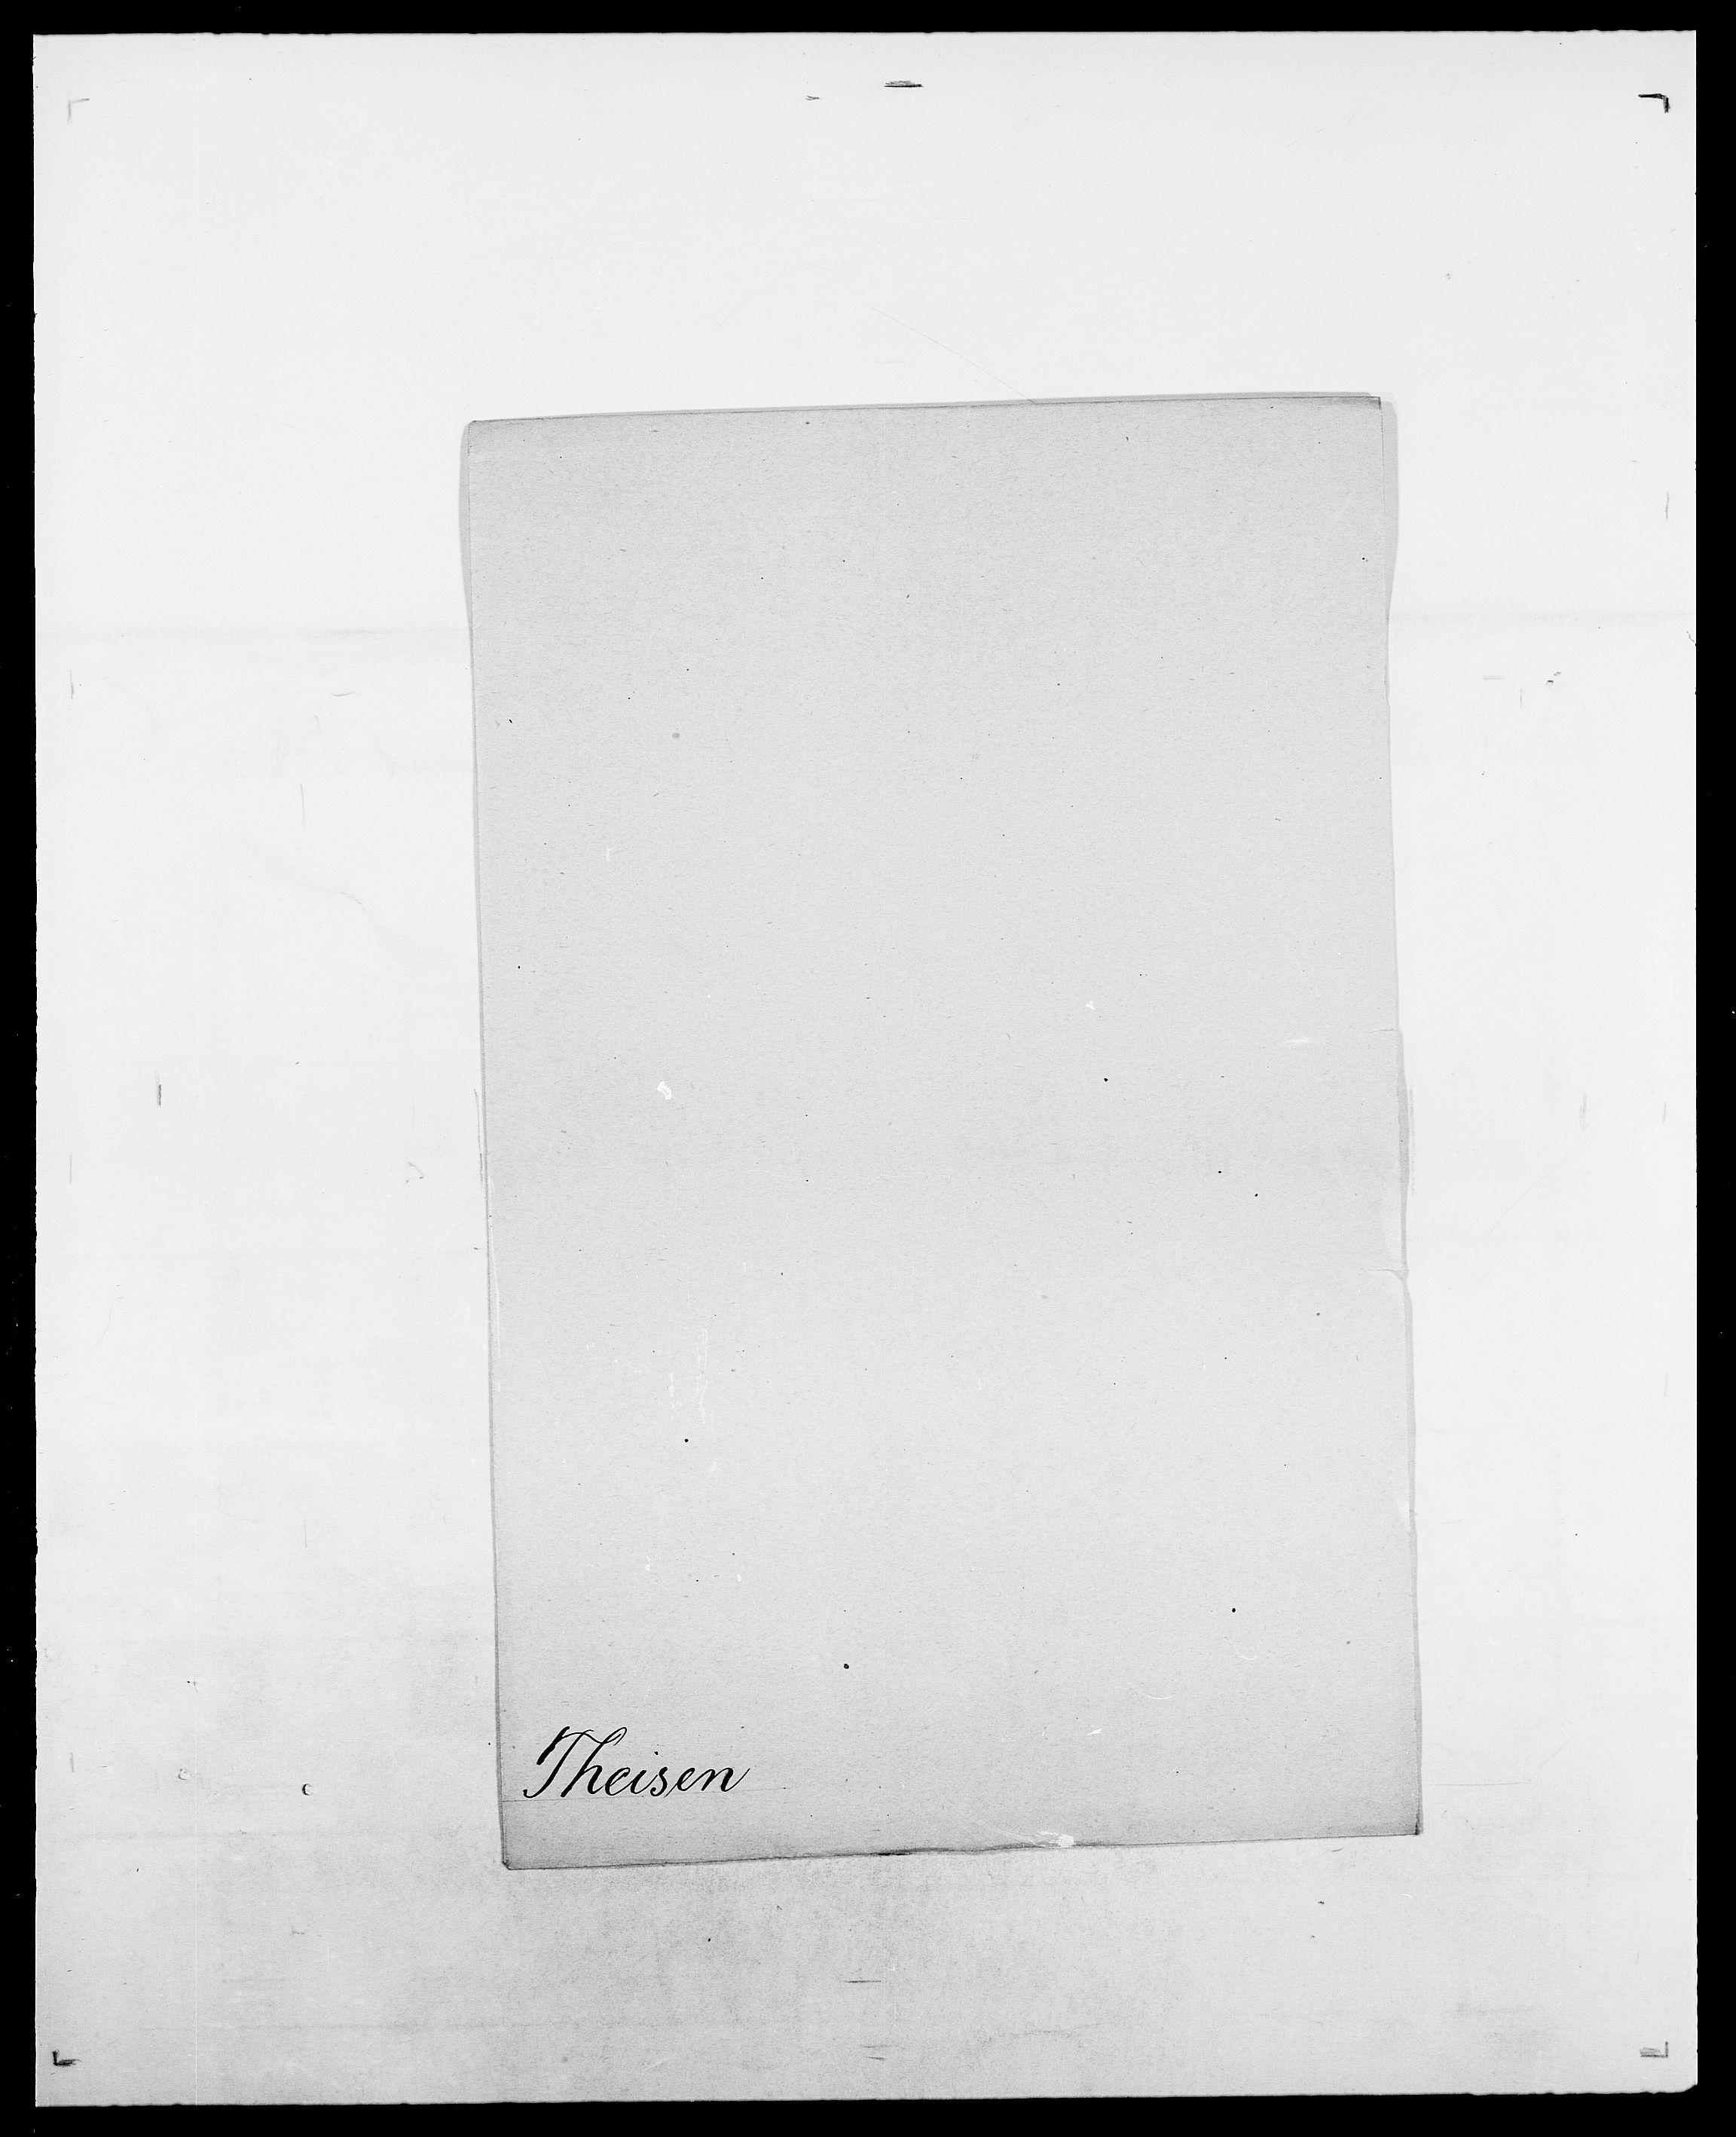 SAO, Delgobe, Charles Antoine - samling, D/Da/L0038: Svanenskjold - Thornsohn, s. 474